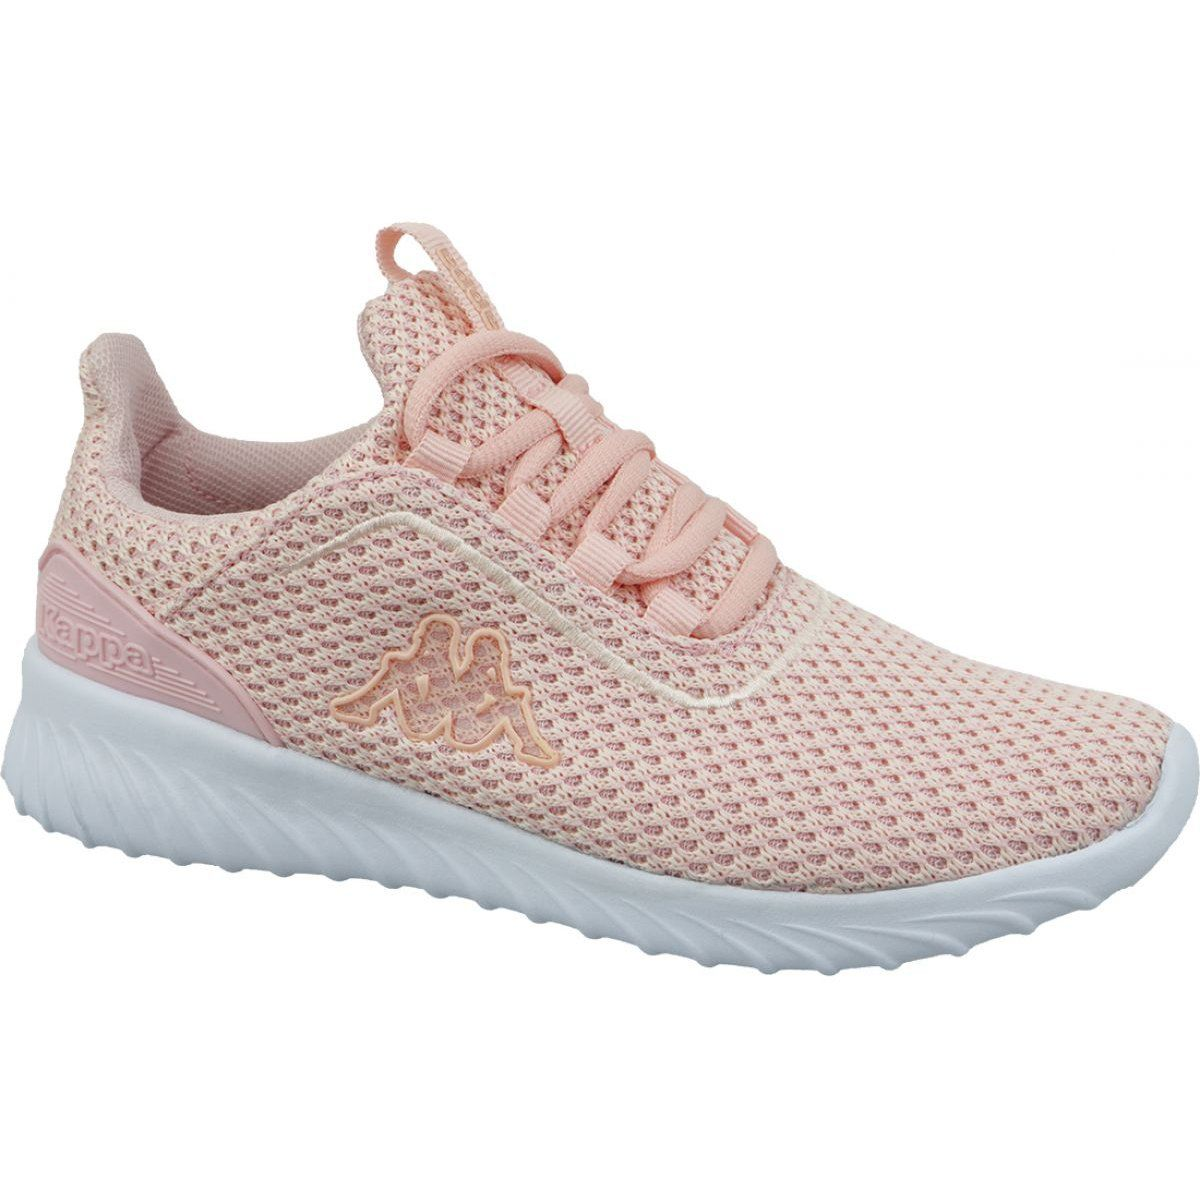 Buty Kappa Deft W 242684 2110 Rozowe White Sneaker Sneakers Shoes